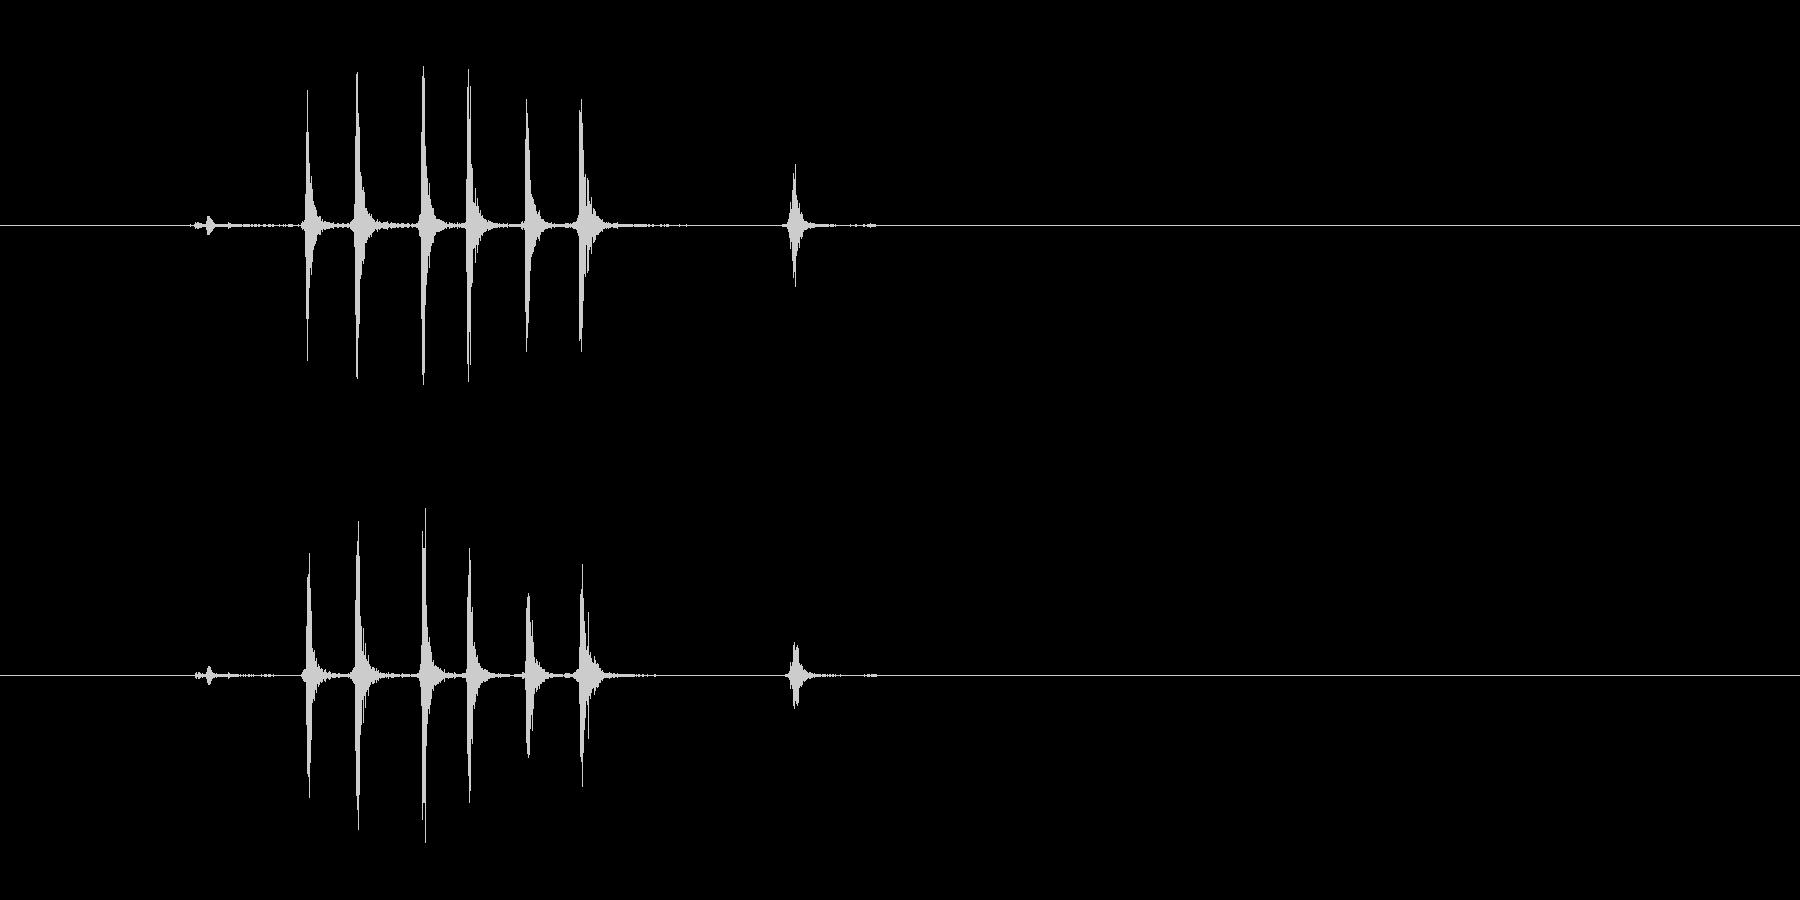 【生録音】ぜんまいを巻く音(1回)の未再生の波形